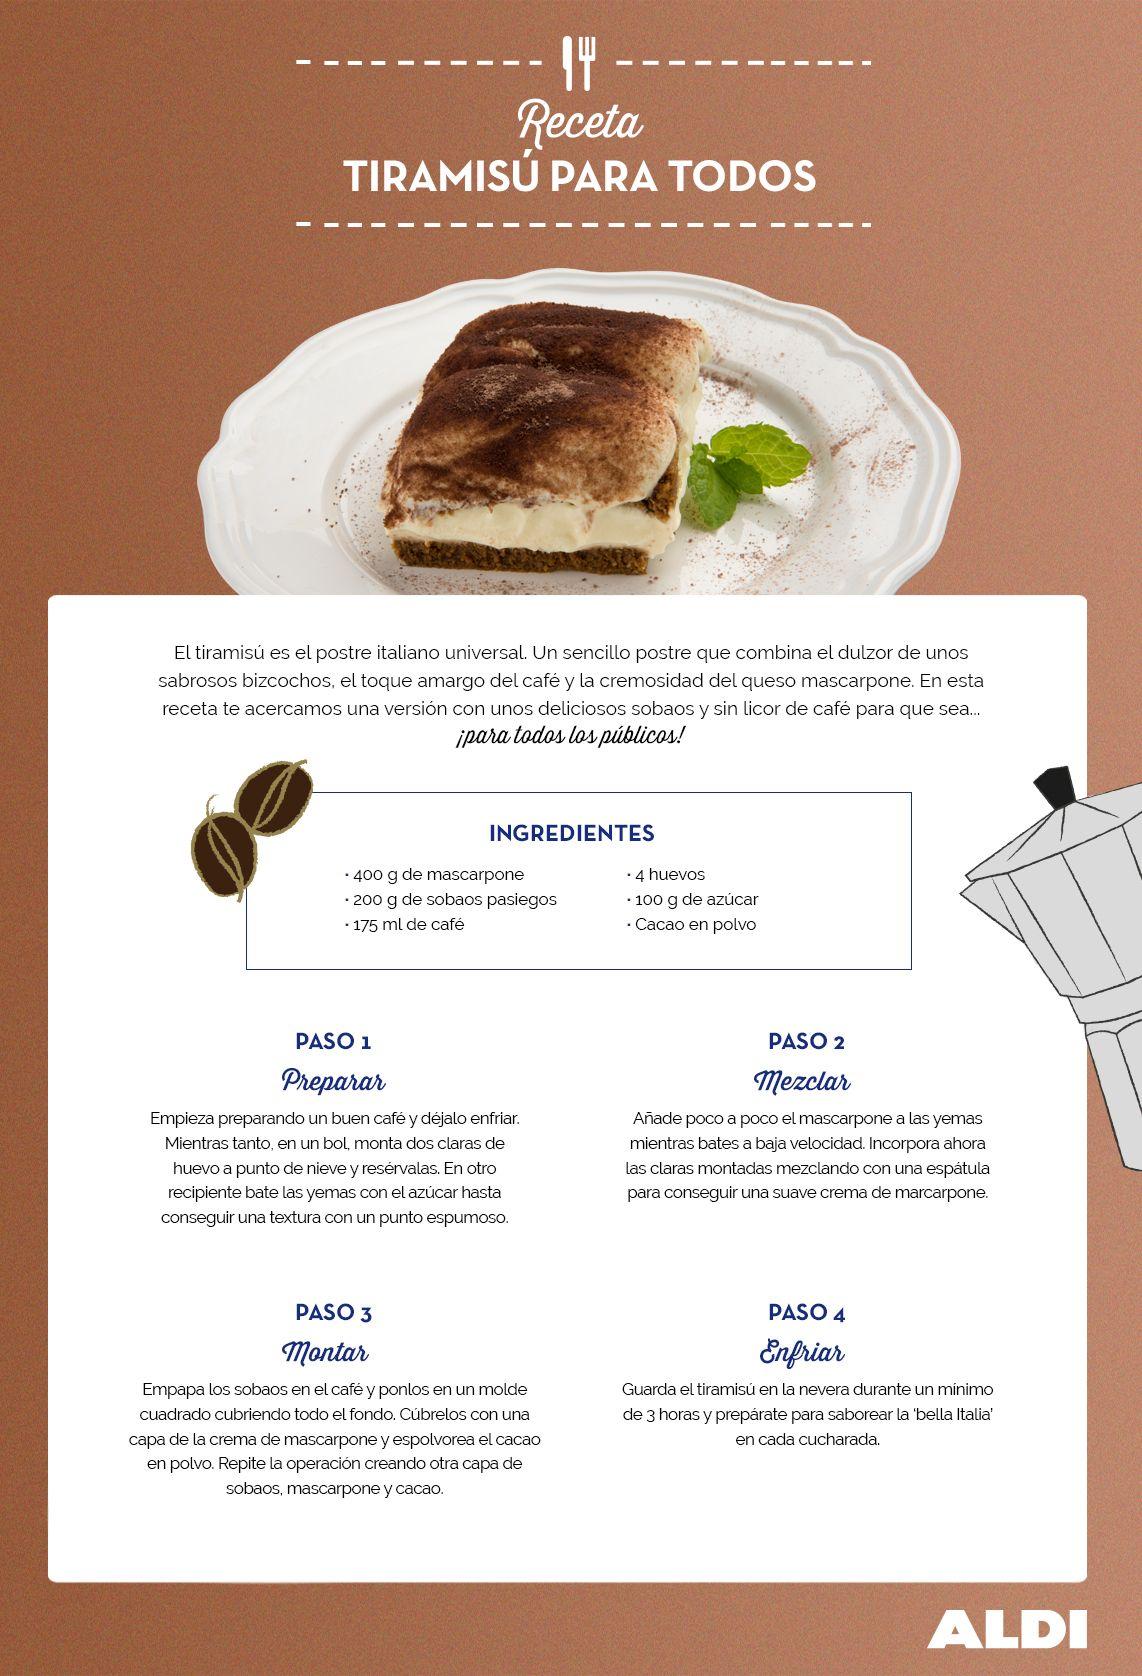 81487679a1ae692690c5444649e02726 - Recetas Cocina